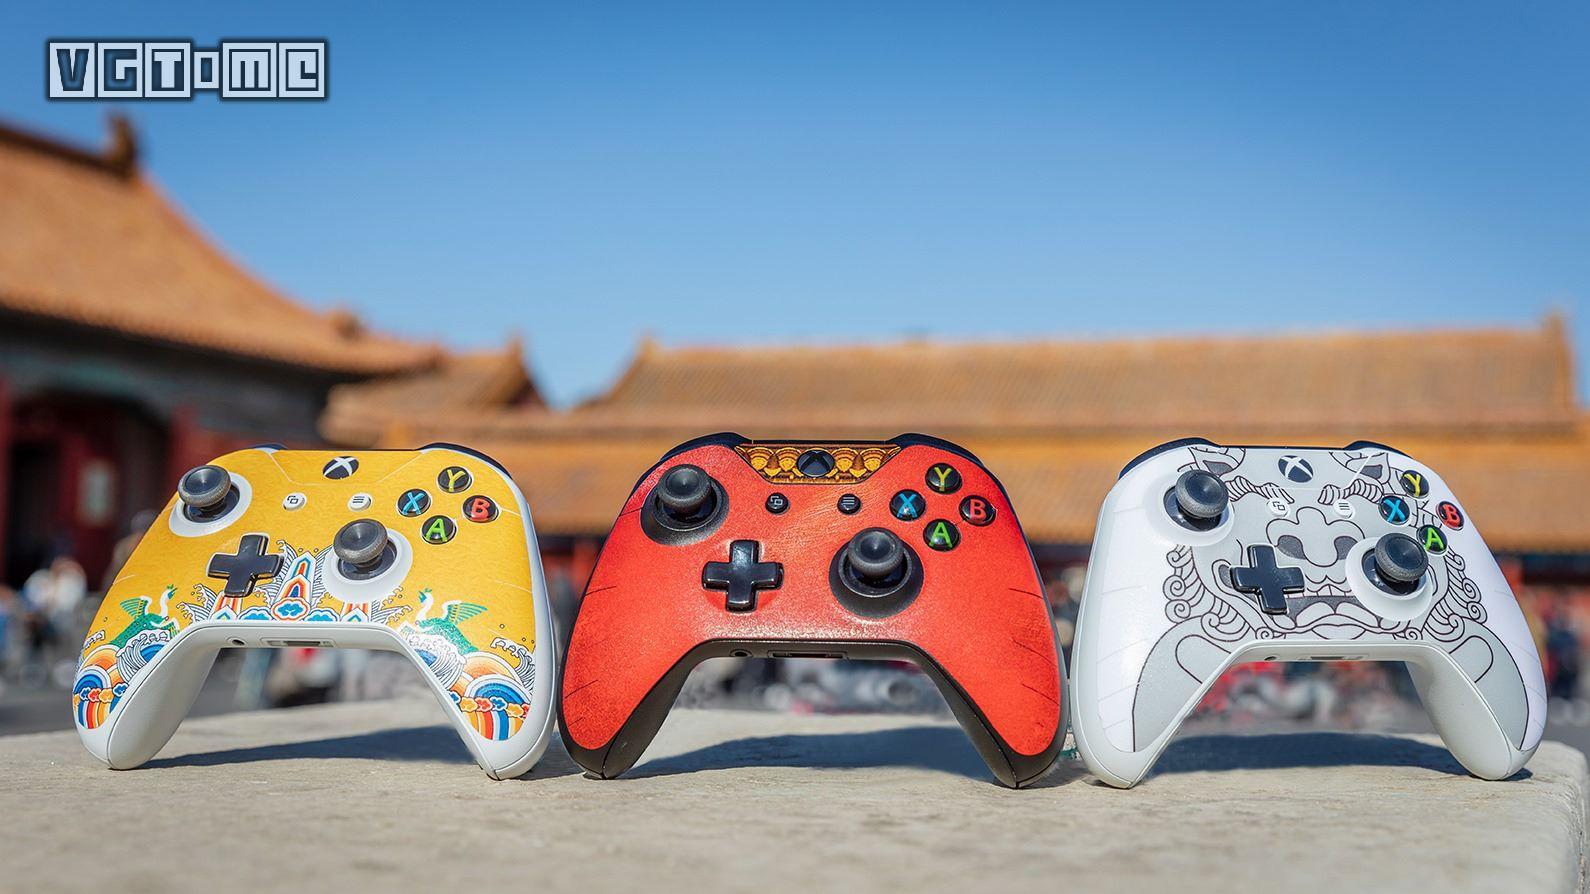 春节将至,试试用这三款传统中国元素装饰自己的Xbox手柄